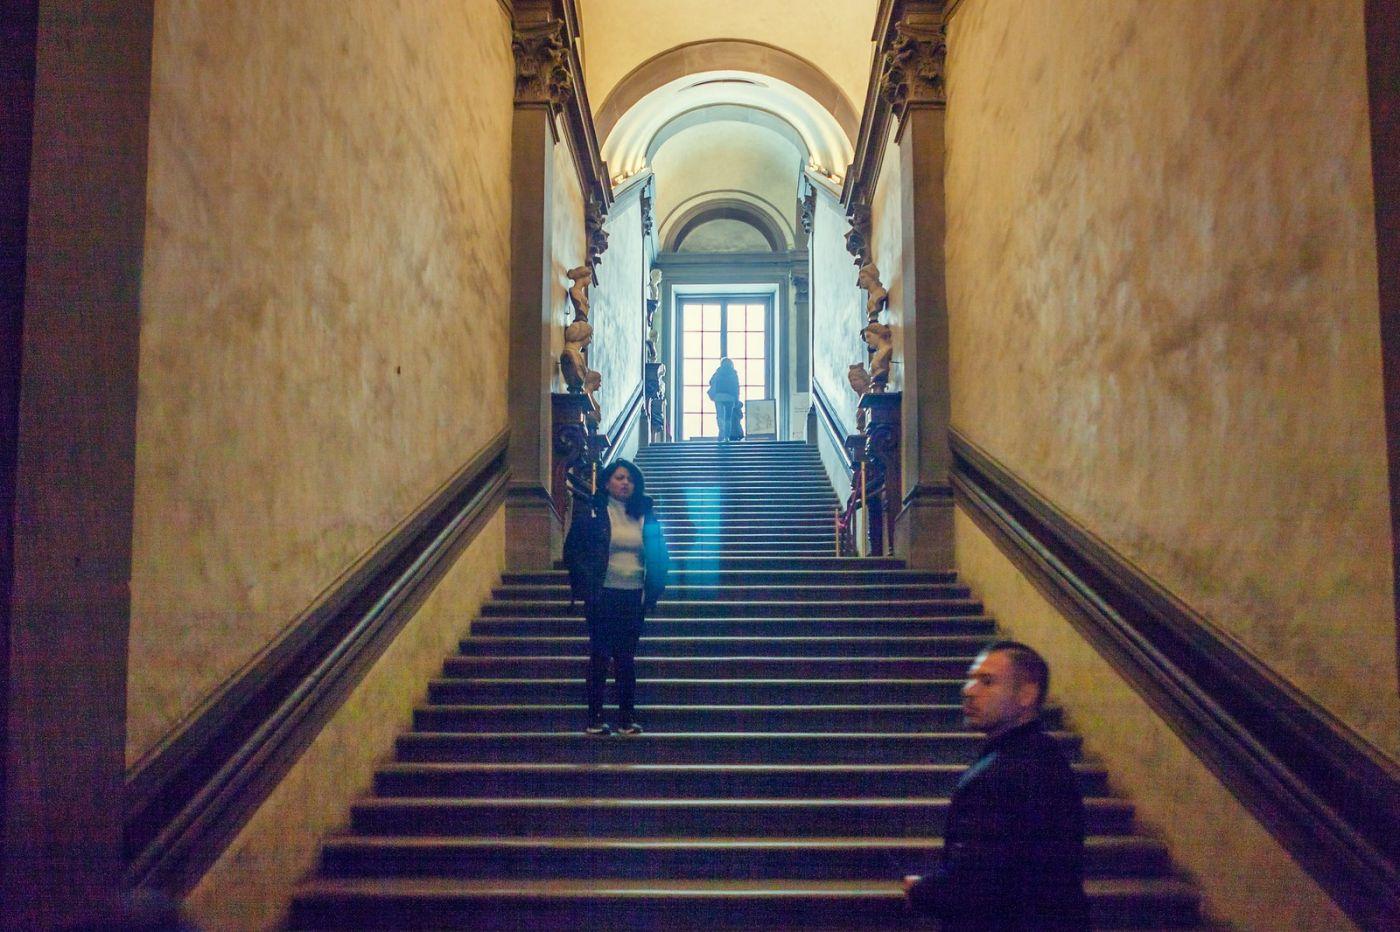 意大利佛罗伦斯乌菲兹美术馆, 进去看一看_图1-6